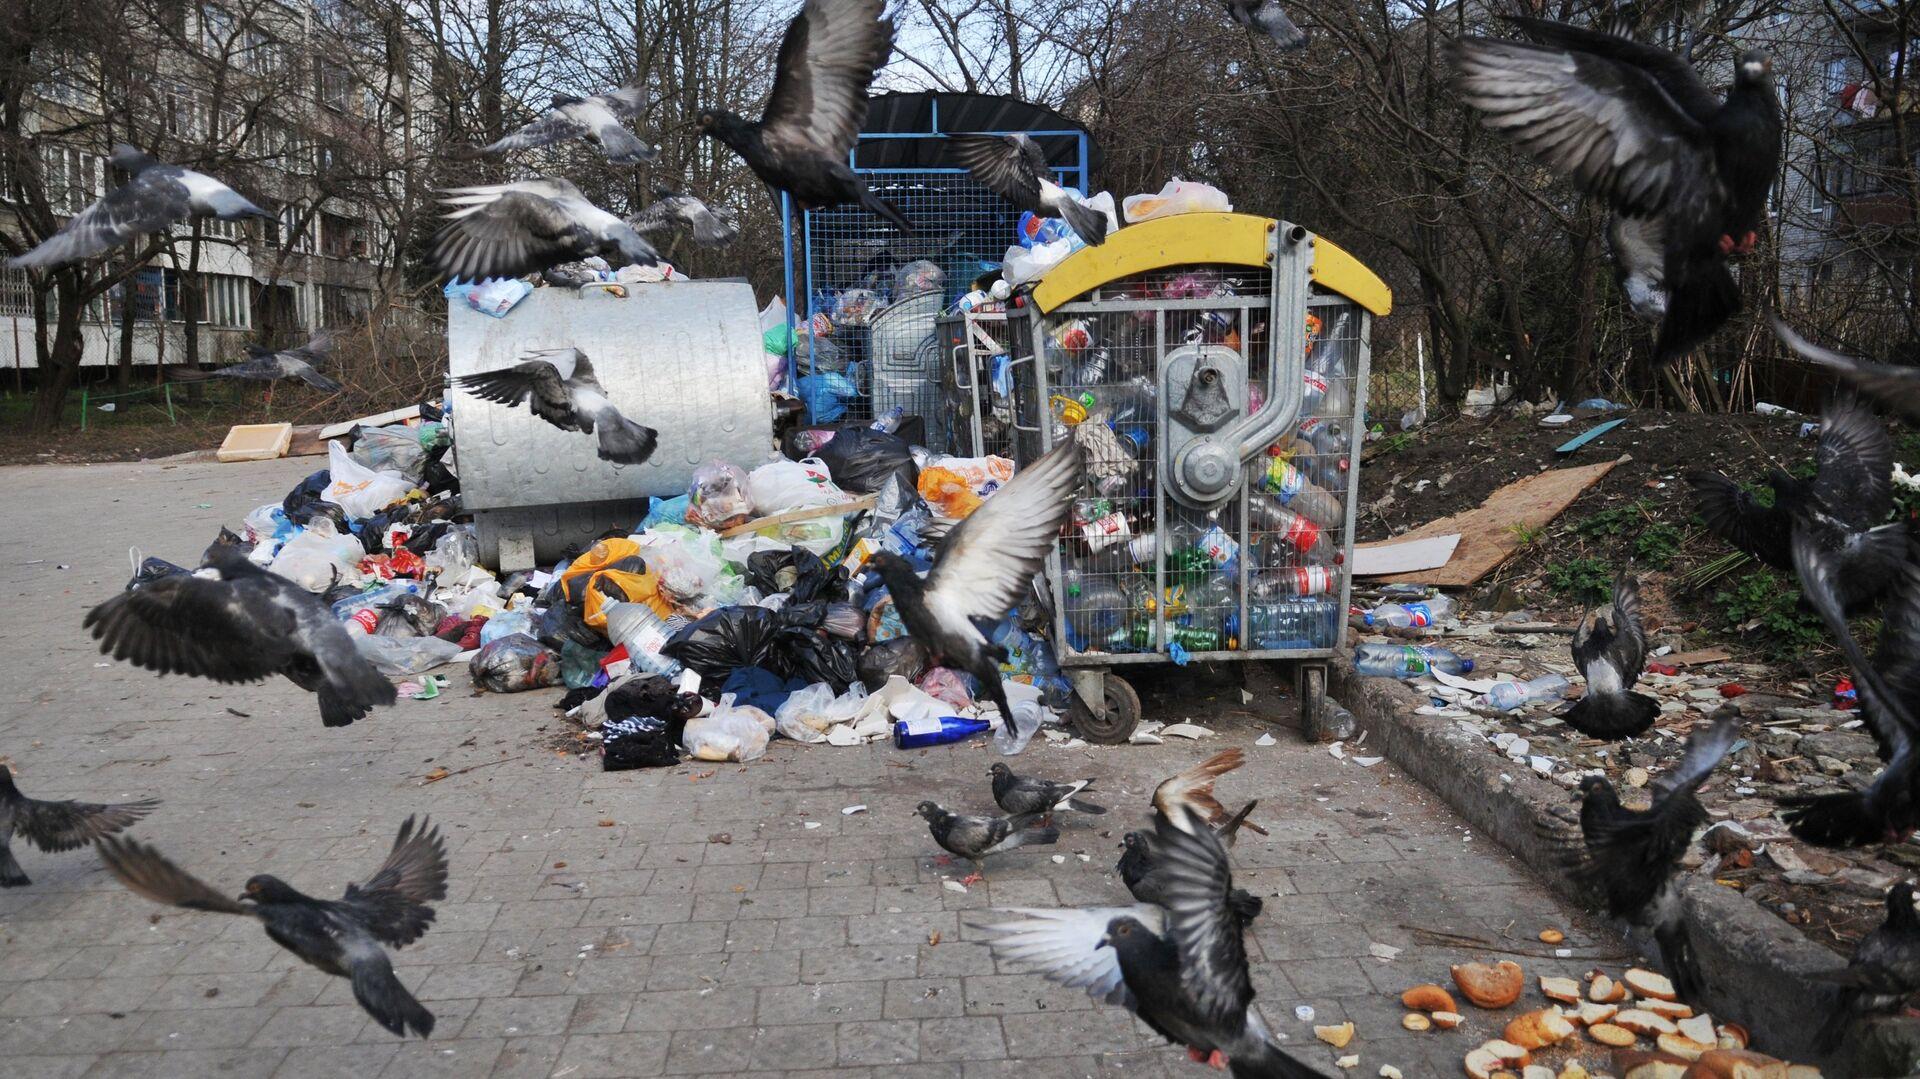 Невывезенный мусор во дворах Львова - РИА Новости, 1920, 28.03.2021